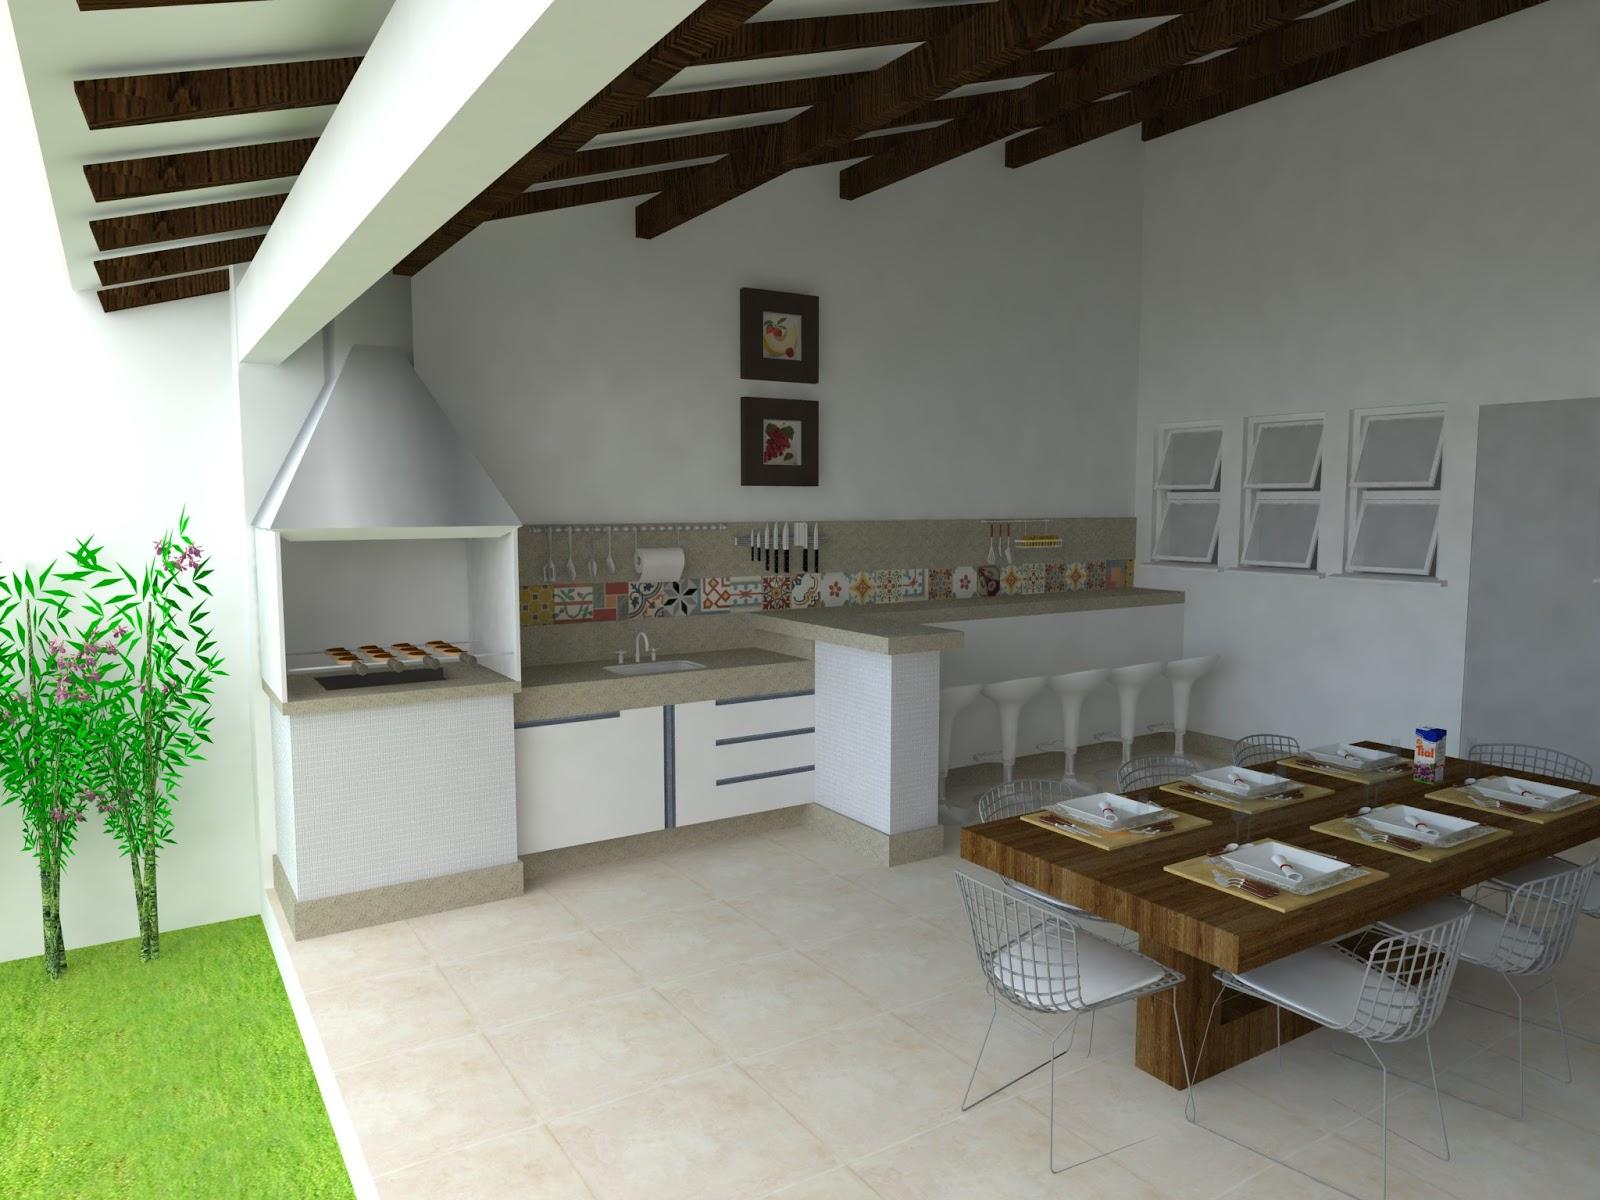 Decoração Paisagismo: Projeto de Interior  Cozinha e área de Lazer #719A31 1600 1200